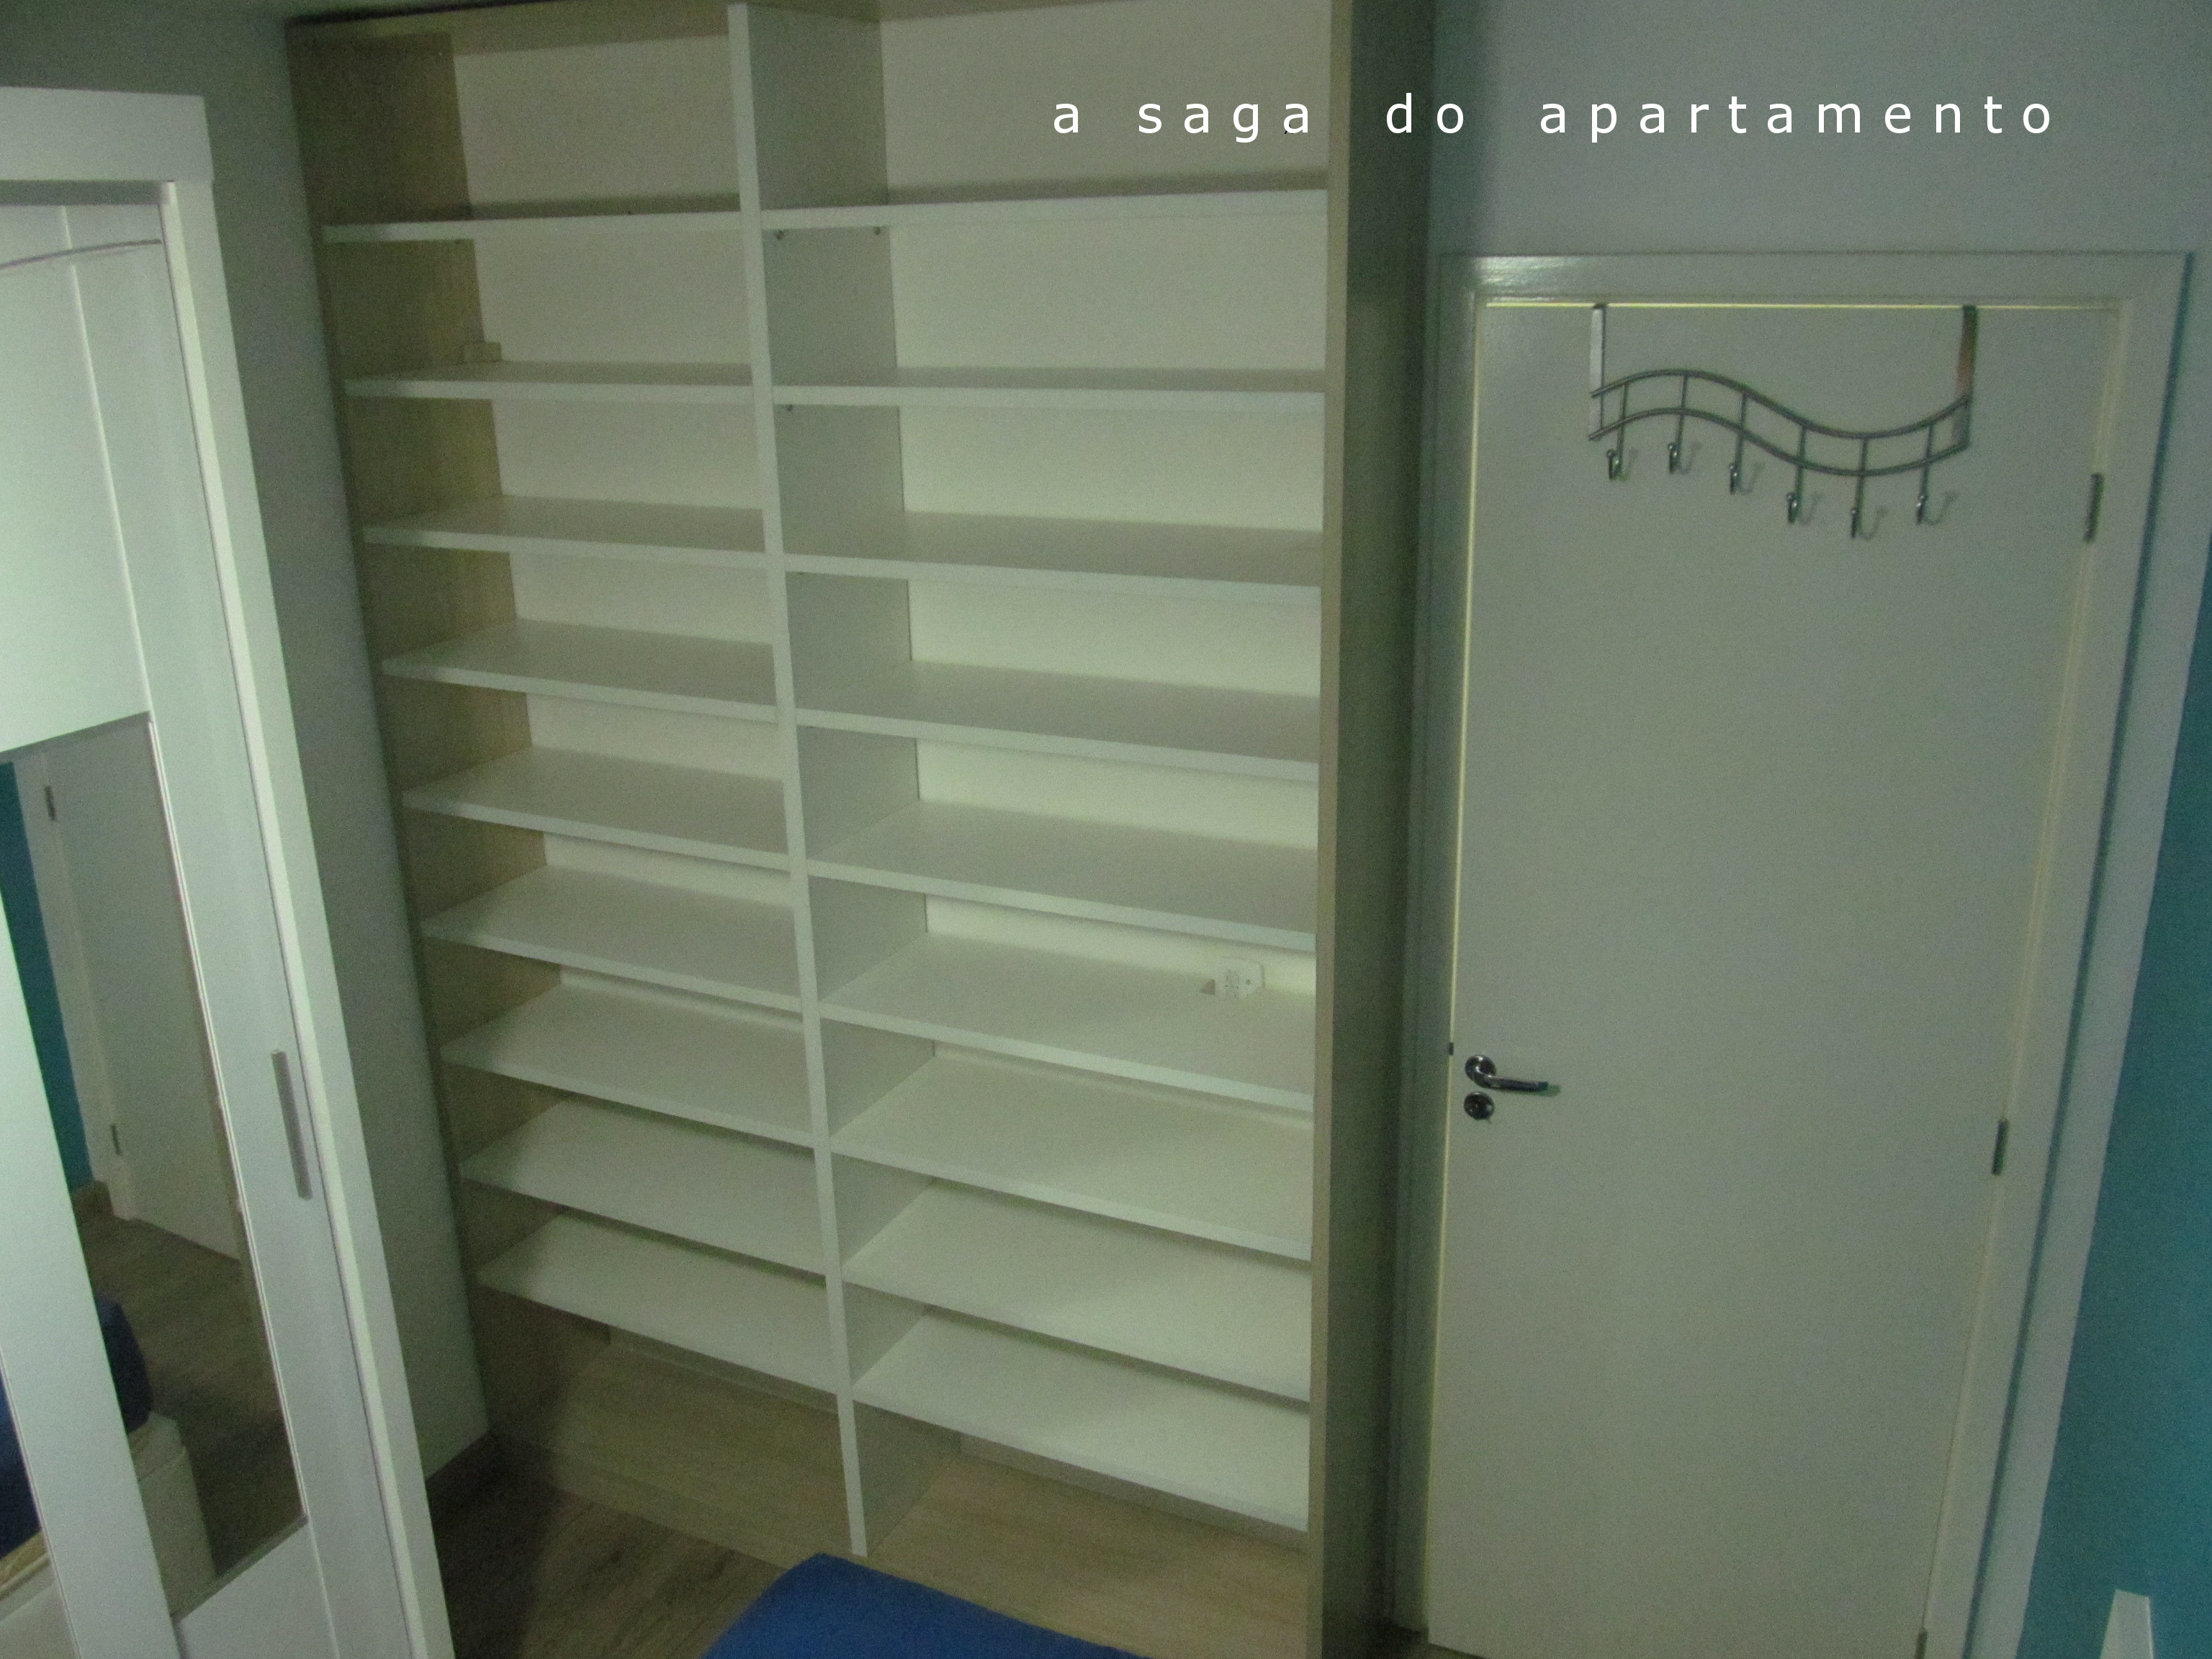 organizar sapatos a saga do apartamento #204158 3072x2304